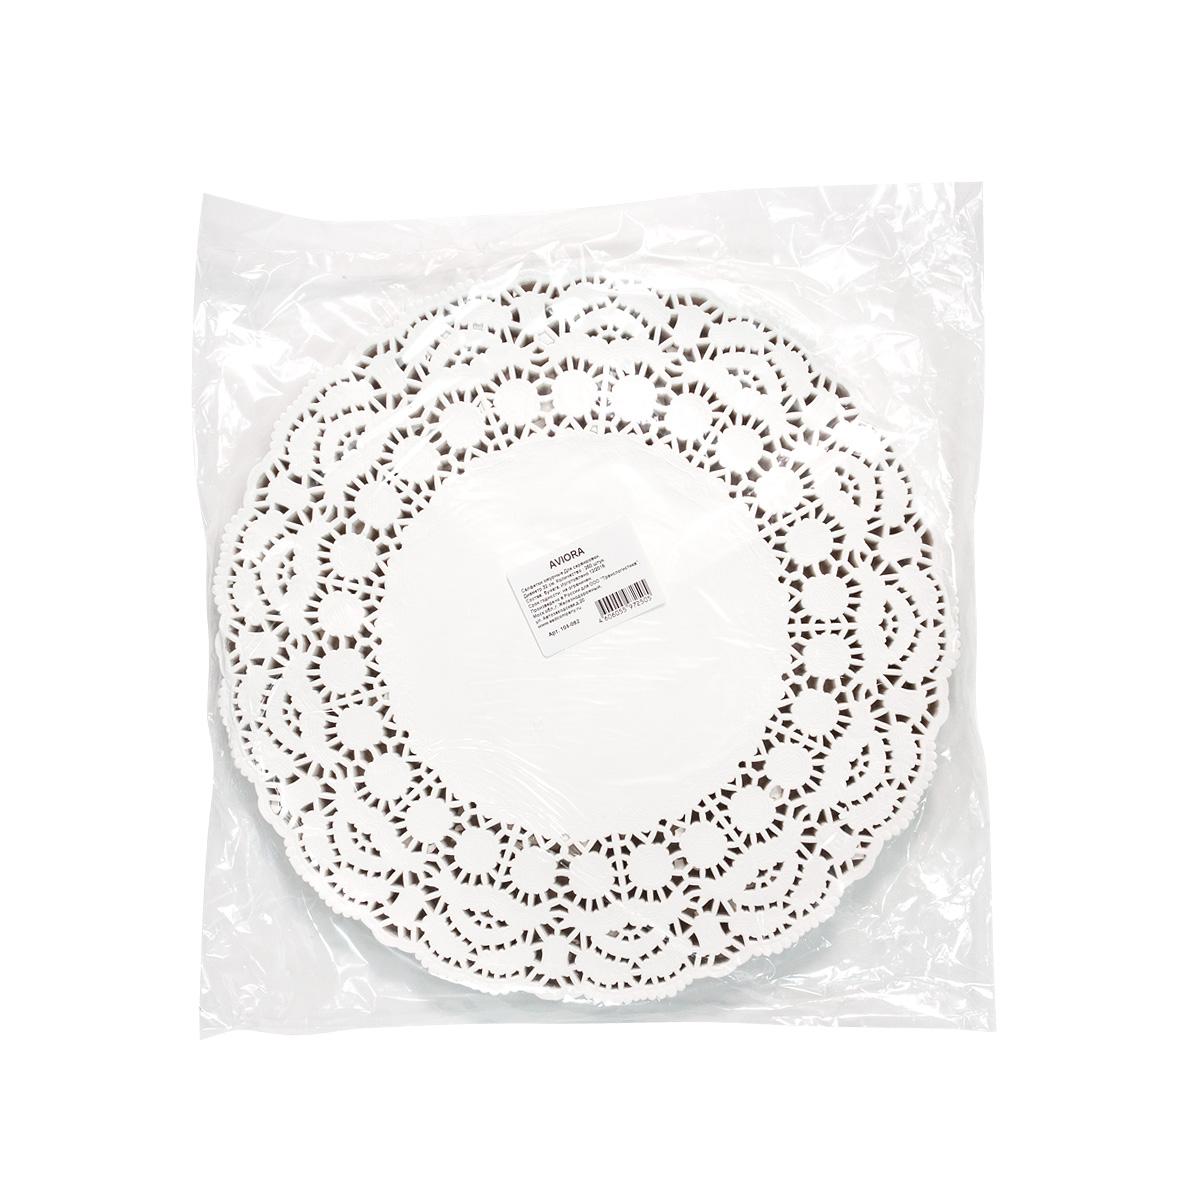 Салфетки бумажные Aviora, ажурные, диаметр 32 см, 250 шт104-062 Произведены в России безопасные при контакте с пищей изысканный узор по контуру салфетокПредназначены для сервировки стола.Используются для красивой подачи тортов и пирожных. Оригинально смотрятся столовые приборы. Небольшие диаметры используются для подачи чая / кофе.